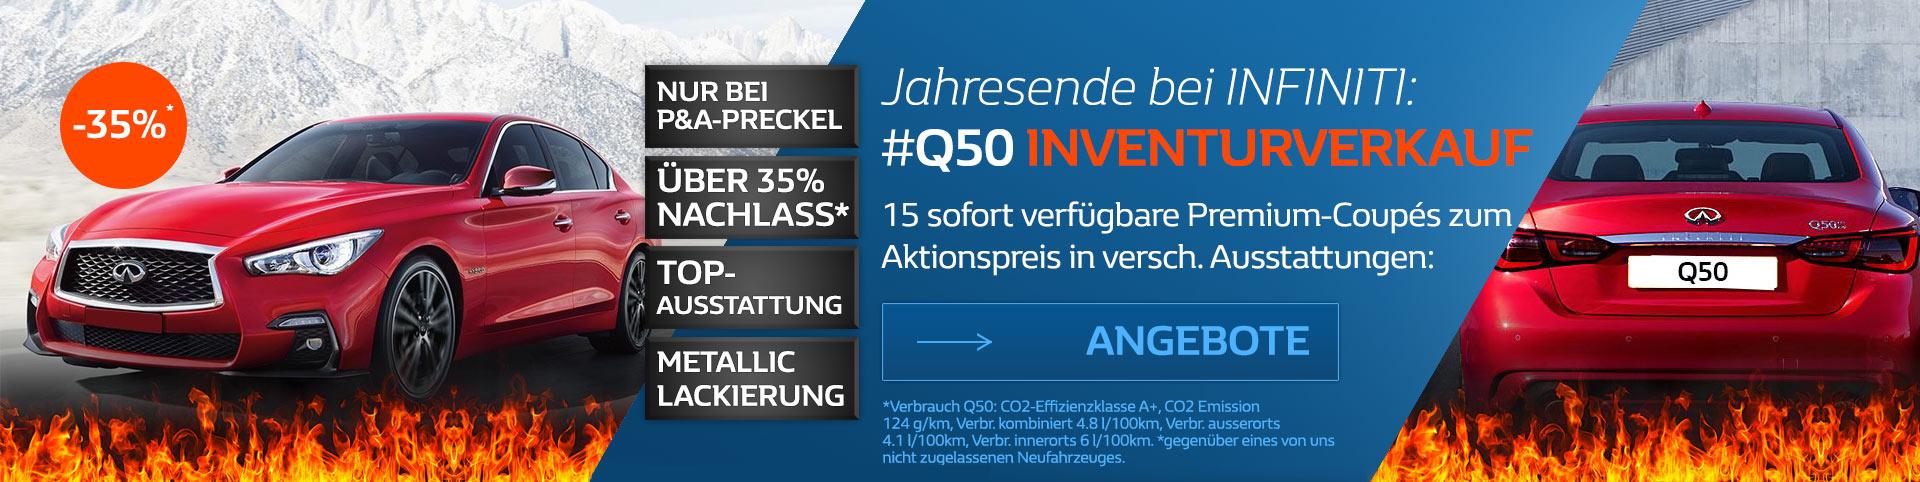 Infiniti Q50 Sonderangebot